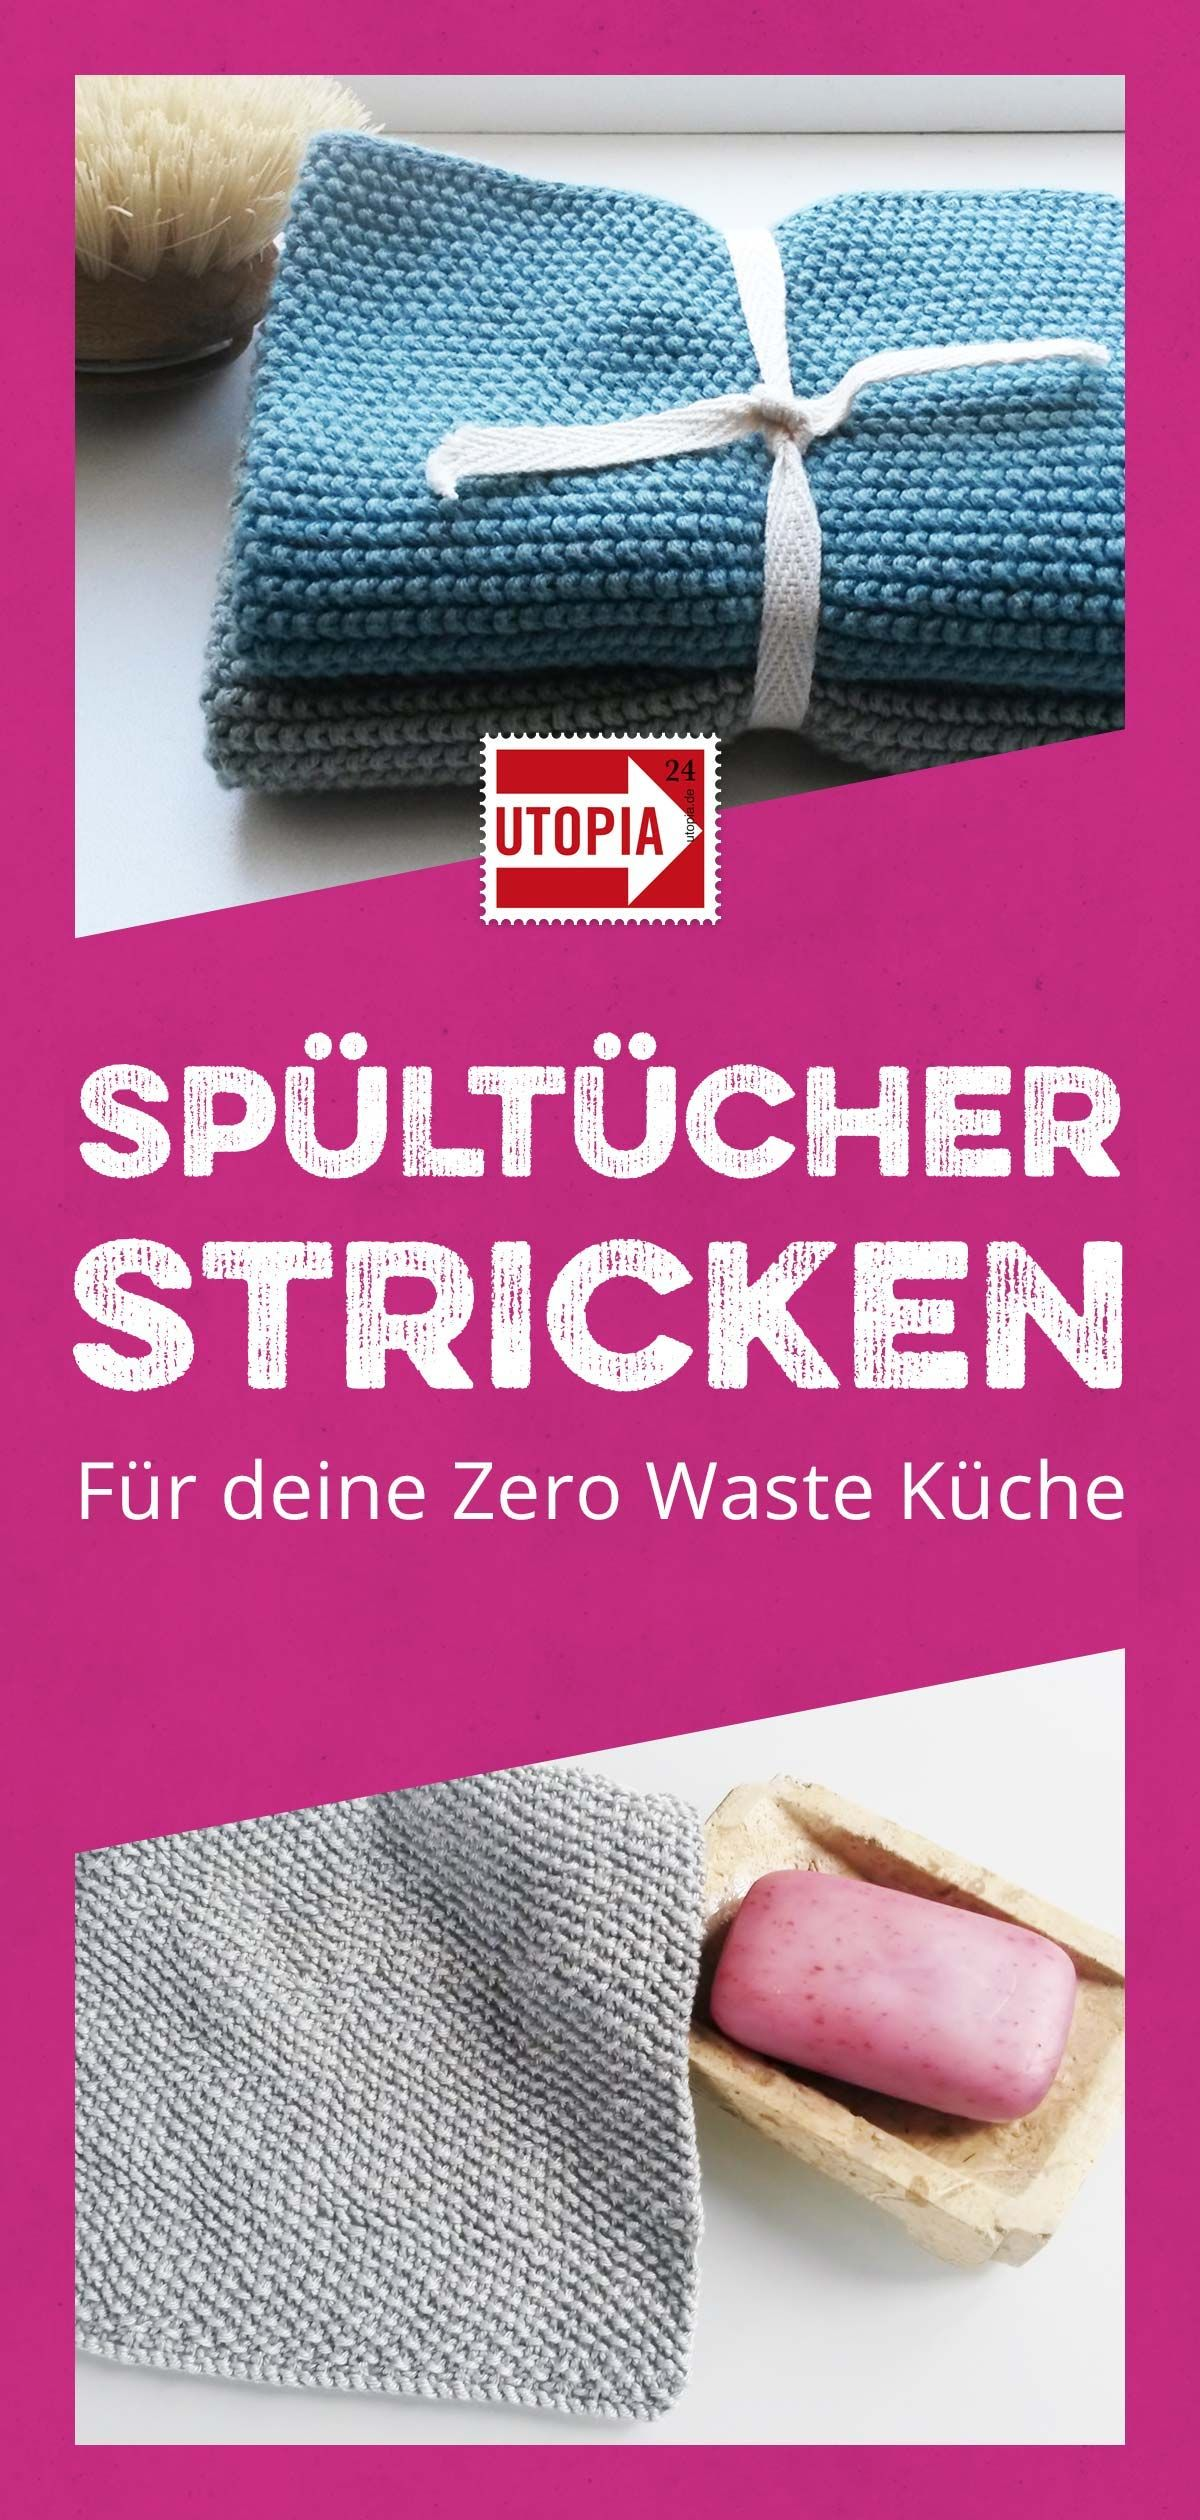 Photo of Spültücher betroffen: Zero Waste in der Küche